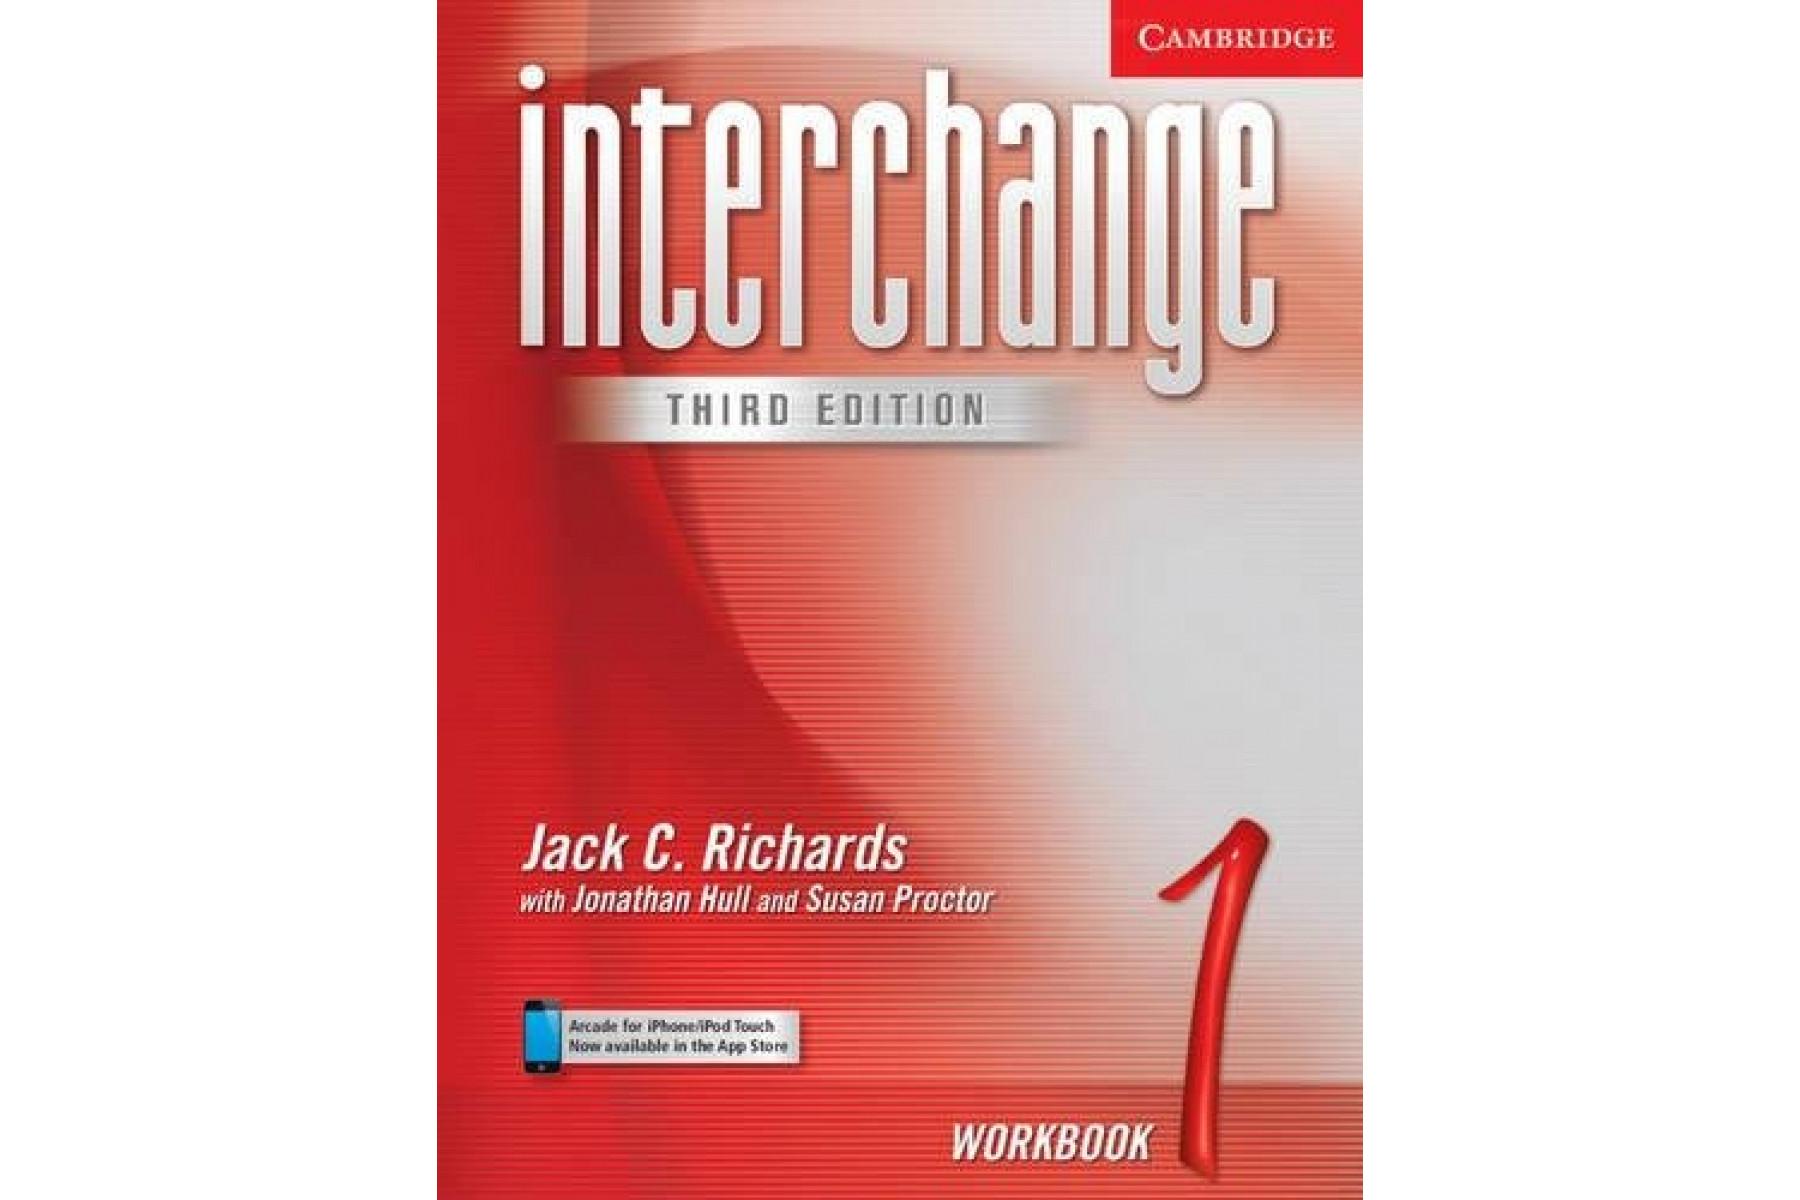 Interchange Workbook 1 (Interchange Third Edition)